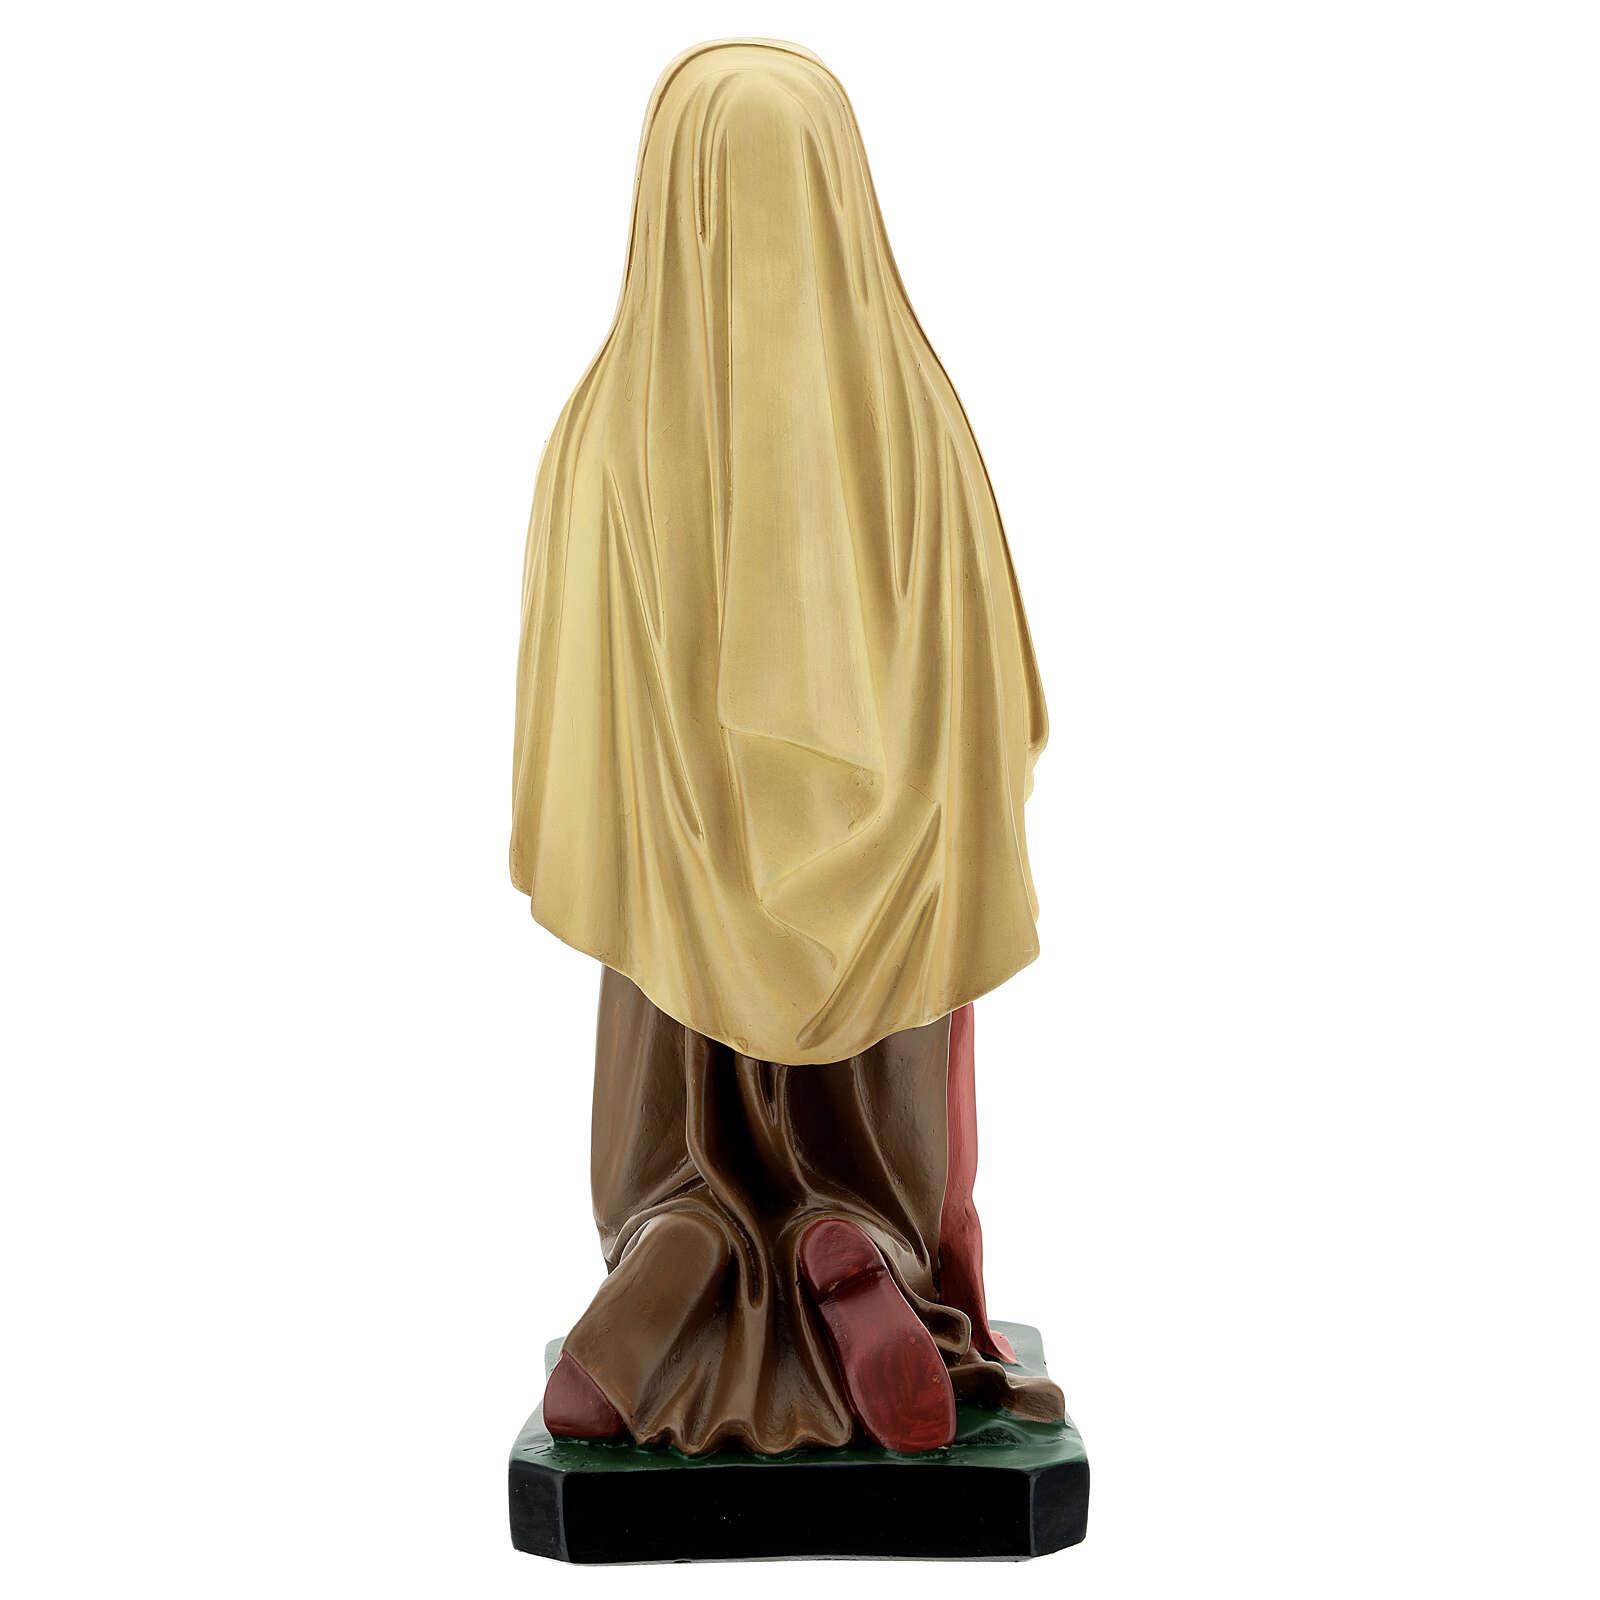 St. Bernadette resin statue 40 cm hand painted Arte Barsanti  4